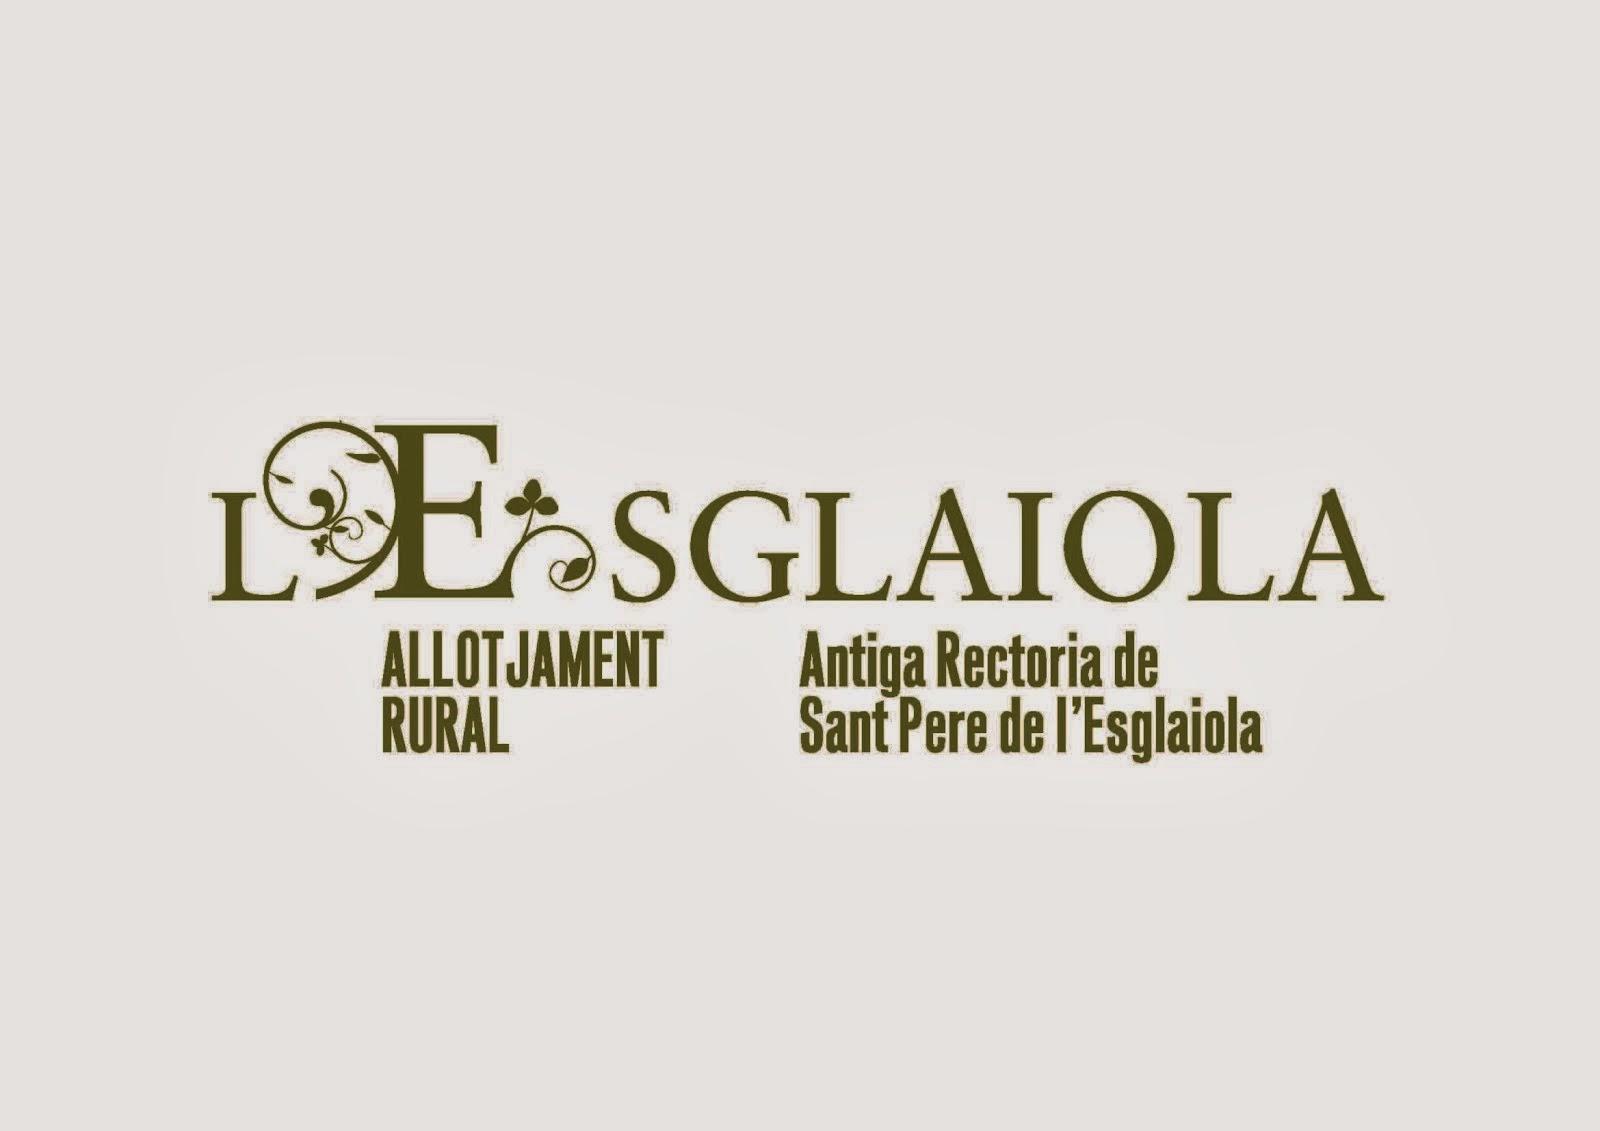 La Esglaiola